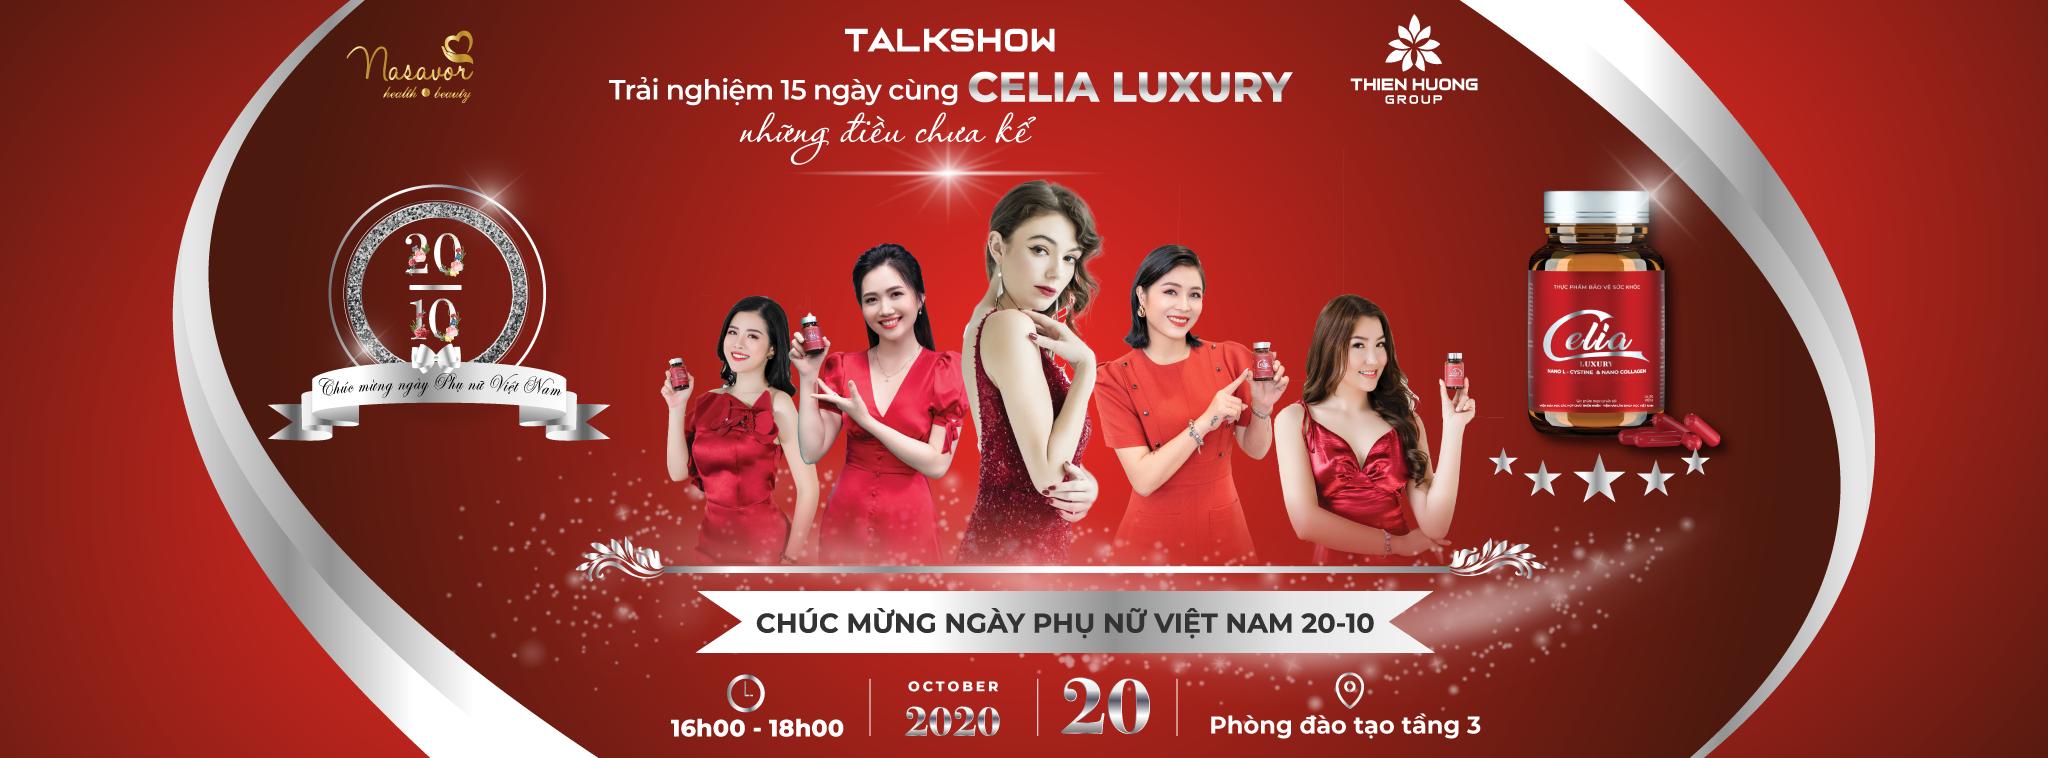 """Talkshow """"Trải nghiệm 15 ngày cùng Celia Luxury – những điều chưa kể"""" và Chào mừng ngày Phụ nữ Việt Nam 20/10"""